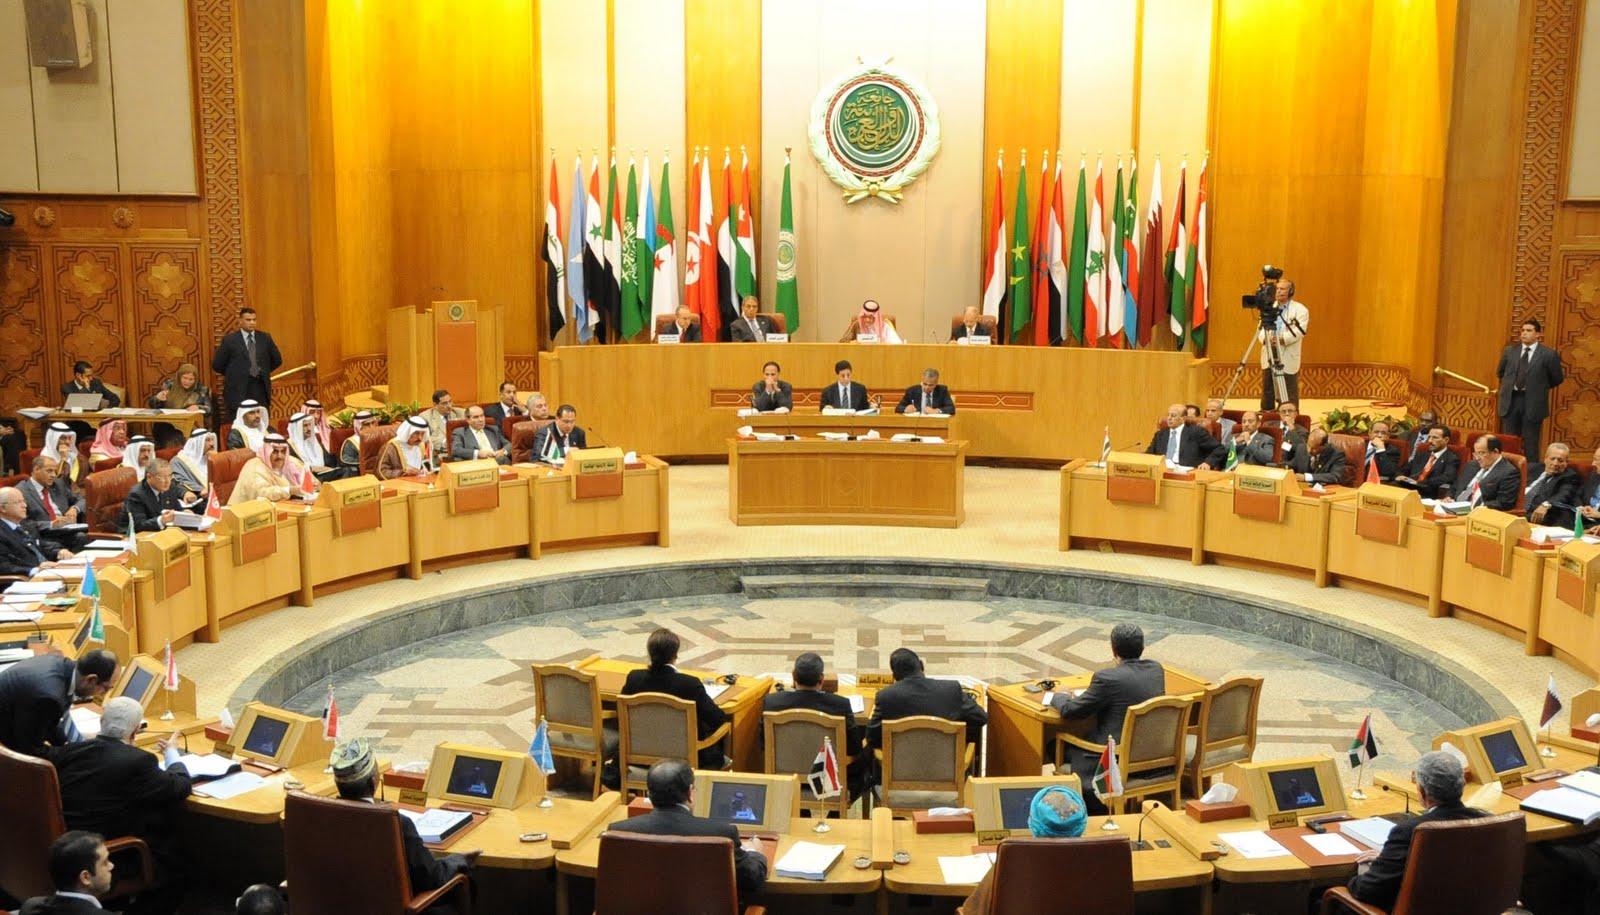 صورة مندوب تونس بالجامعة العربية يطالب مجلس الأمن بجدول زمني لإنهاء الاحتلال الإسرائيلي